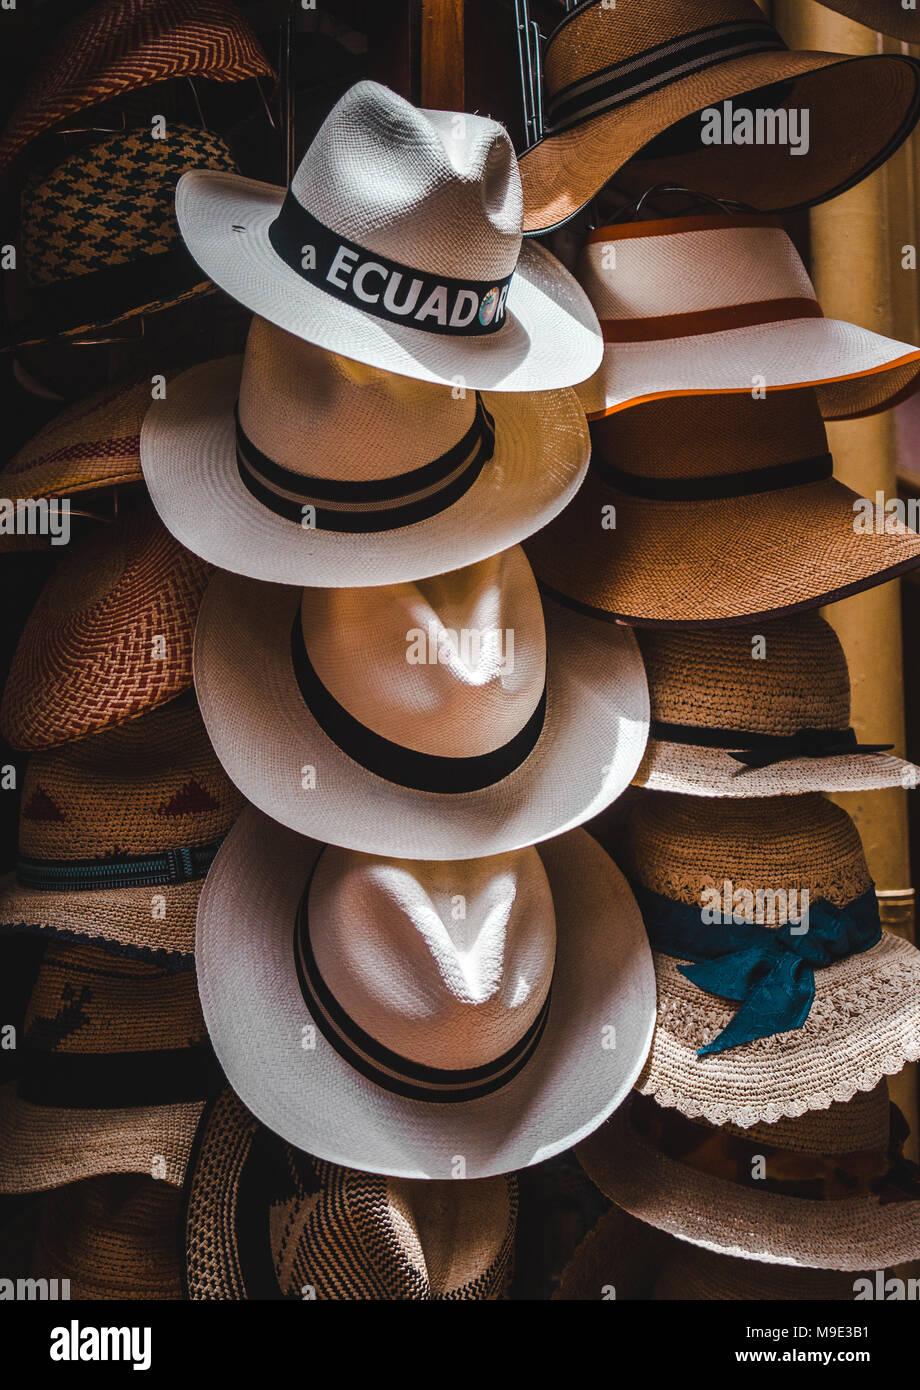 9fe50020 Handmade Ecuadorian Panama hats with black bands on display in a shop in  Cuenca, Ecuador